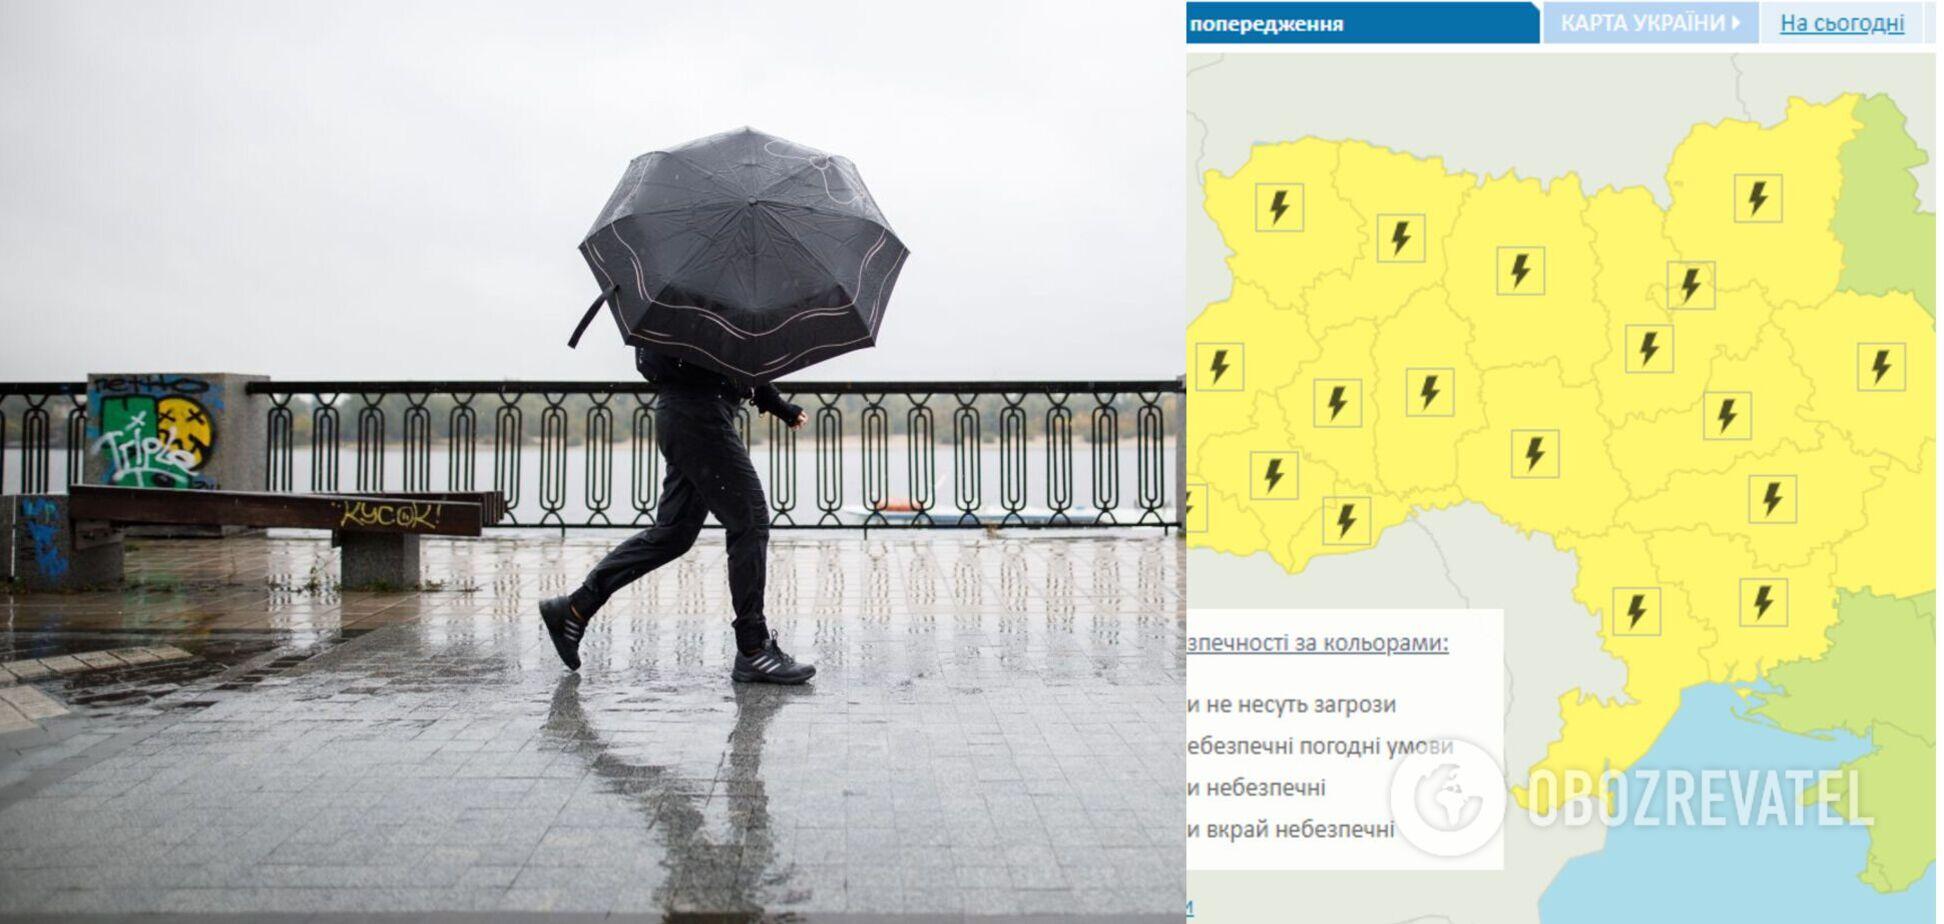 В Украину вернутся сильные дожди и град: какие области накроет непогода в четверг. Карта